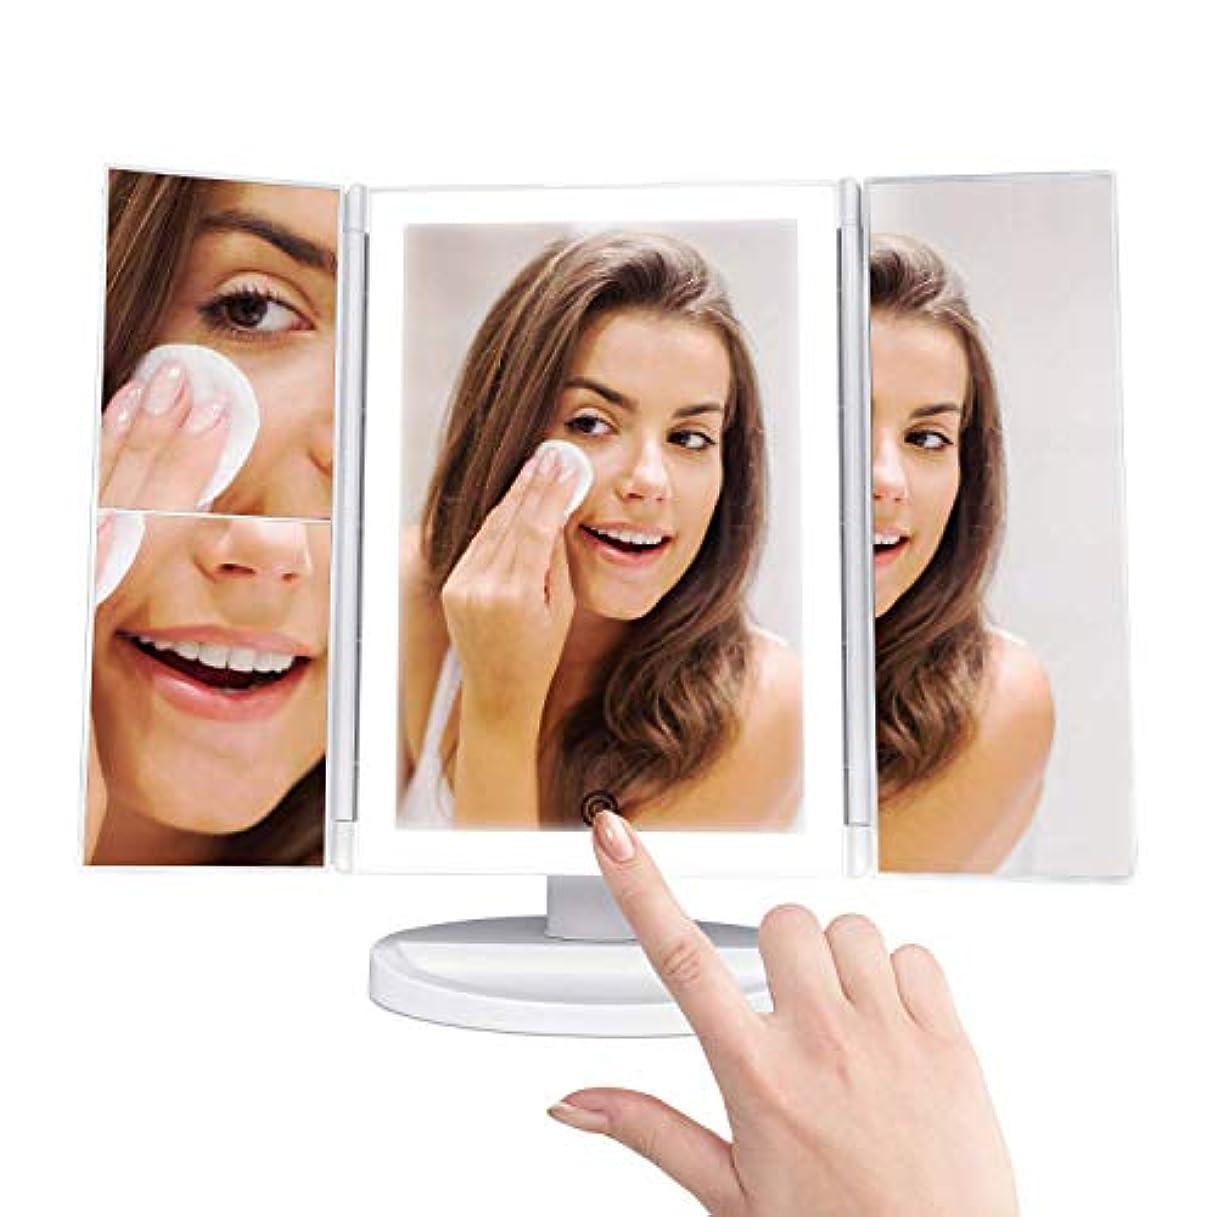 拷問学習歴史家卓上ミラー 折りたたみ式 三面鏡 化粧鏡 2&3&拡大鏡付き LEDライト 角度調整機能付 タッチパネル 持ち運び便利 180度自由に回転 電池またはUSB給電(ホワイト)